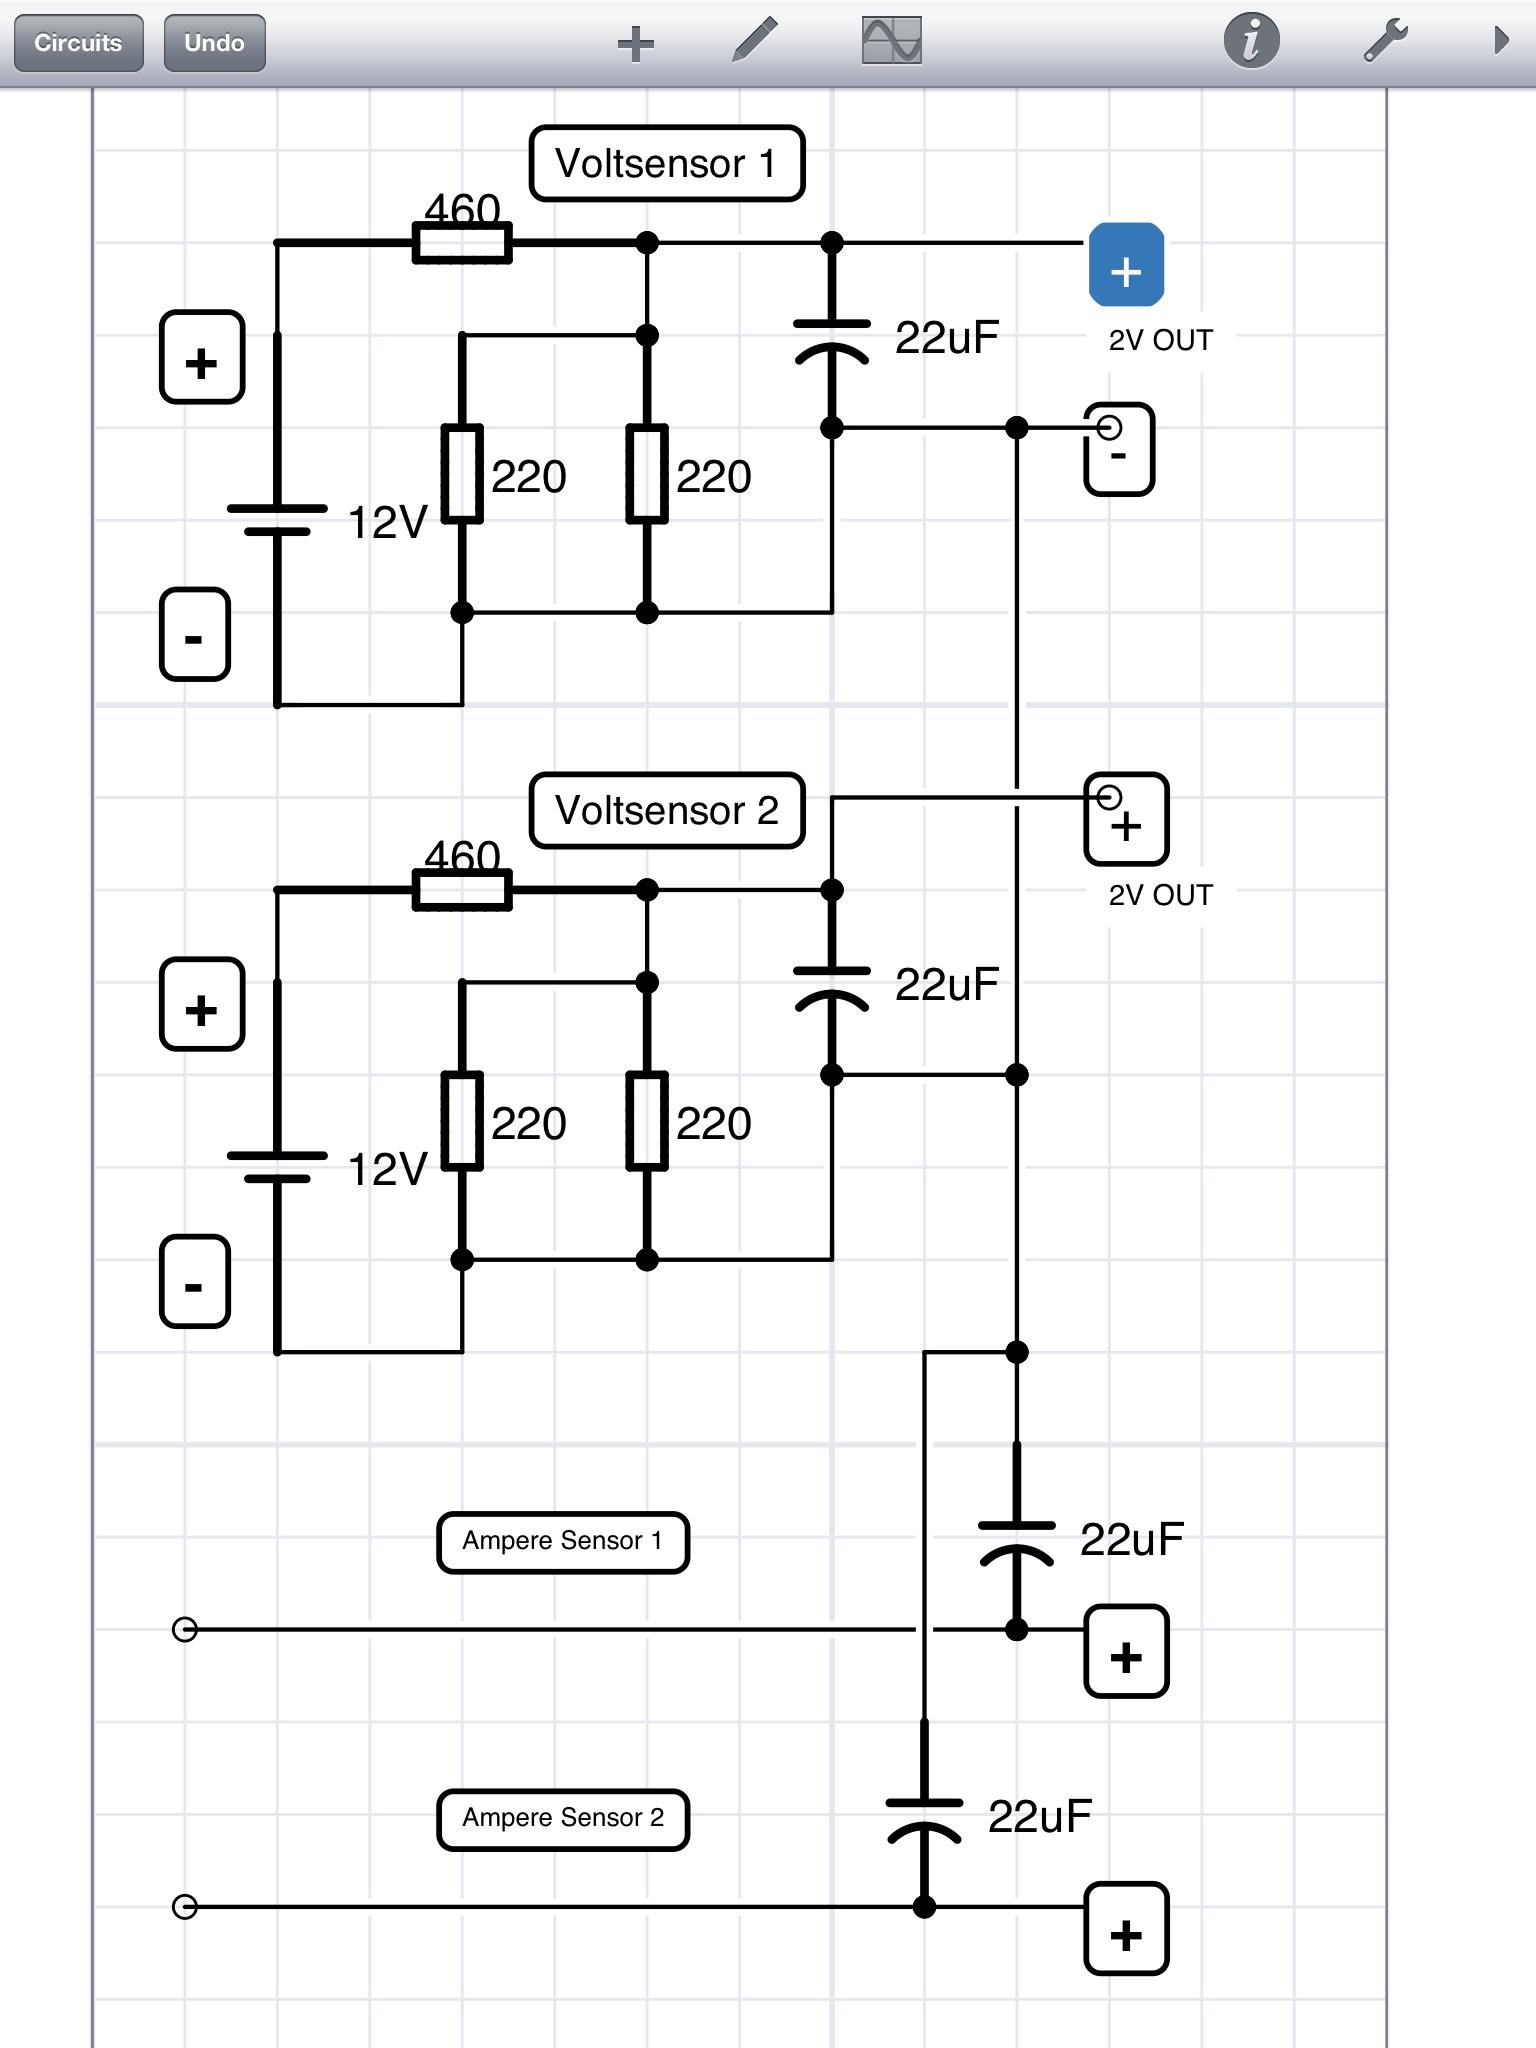 Ausgezeichnet Amperemeter Schaltplan Bilder - Elektrische Schaltplan ...